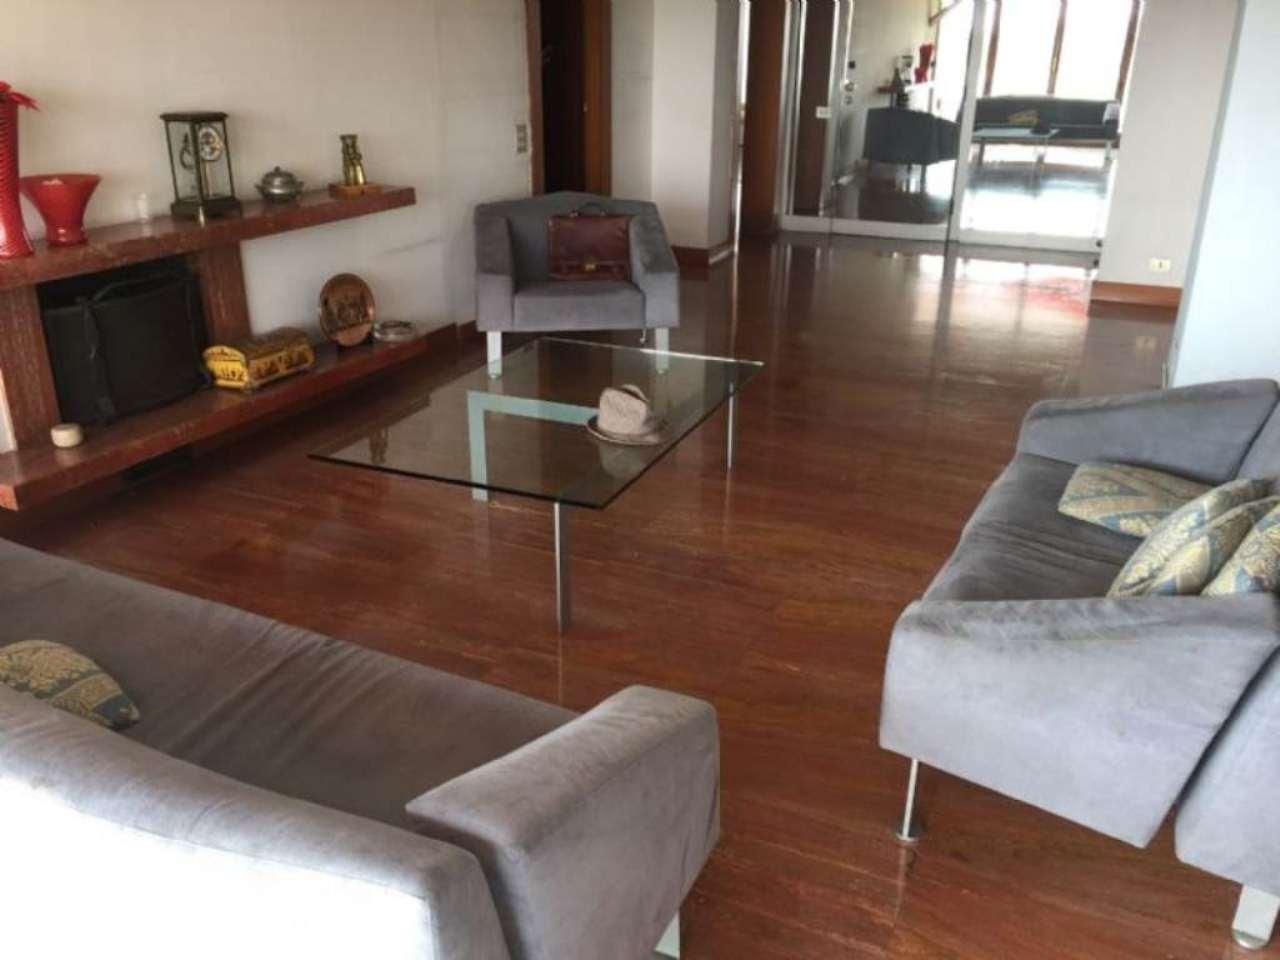 Attico / Mansarda in vendita a Peschiera Borromeo, 6 locali, prezzo € 550.000   Cambio Casa.it